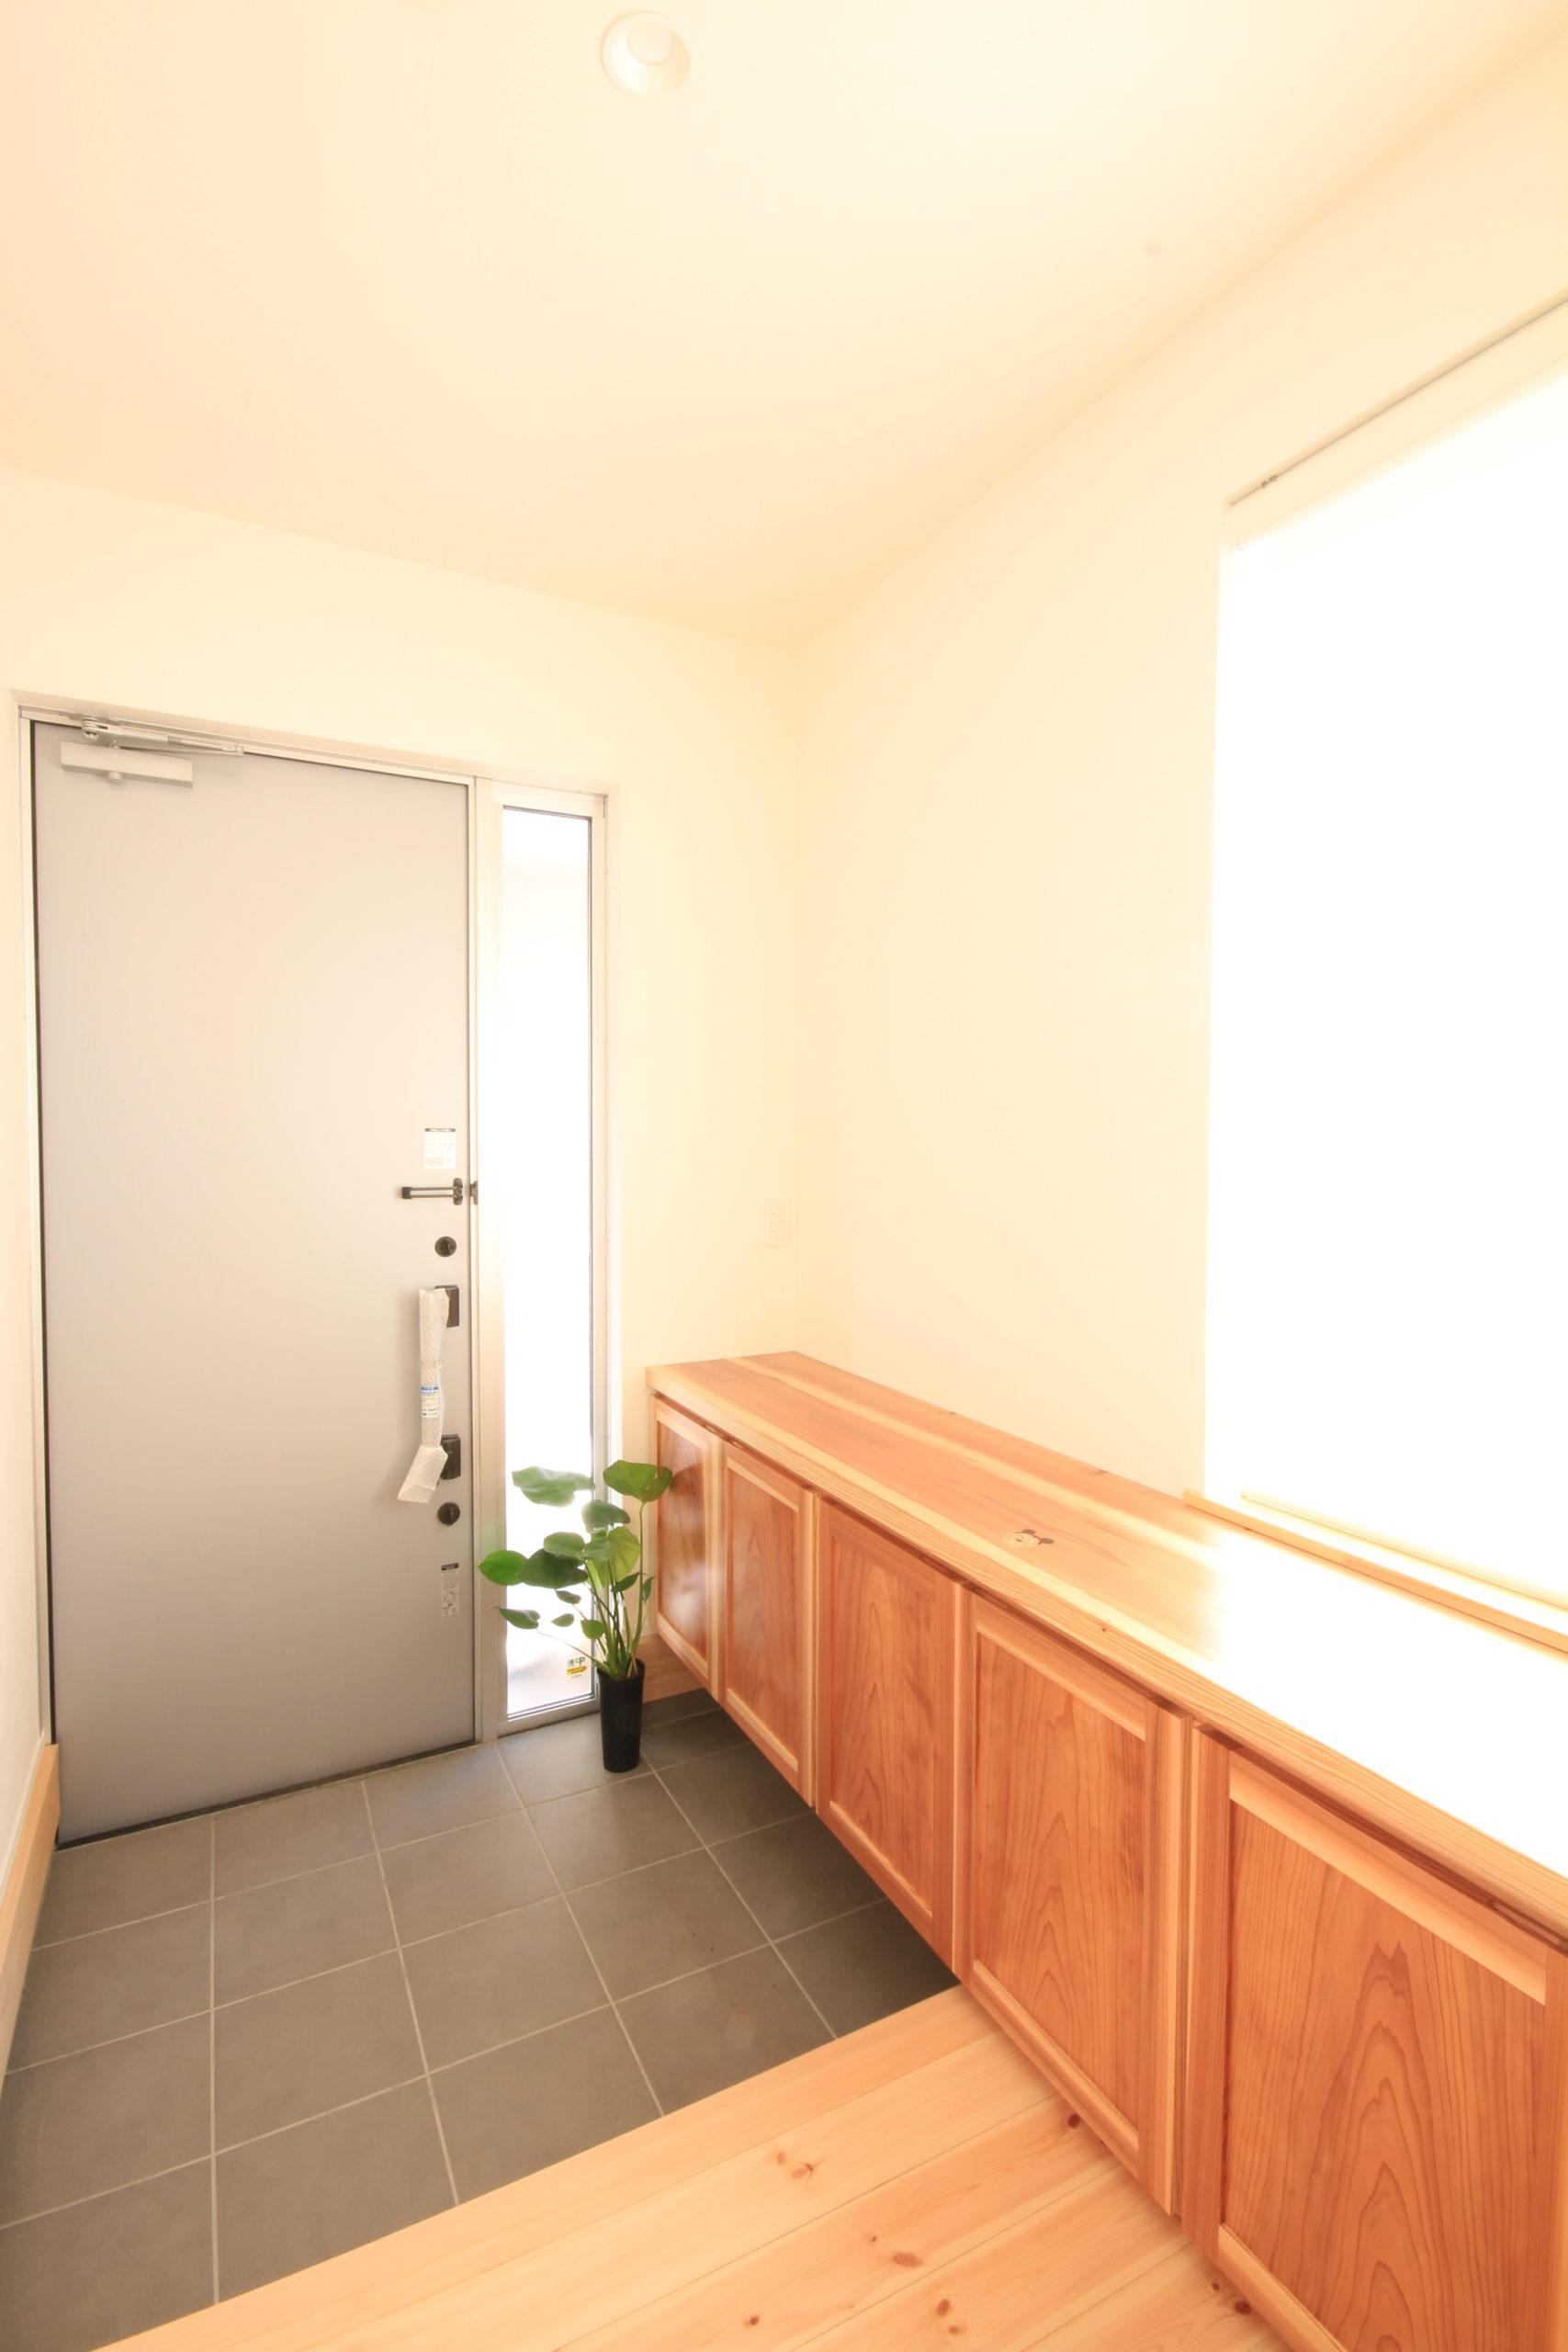 栃木県上三川の耐震住宅施工事例K邸の玄関内